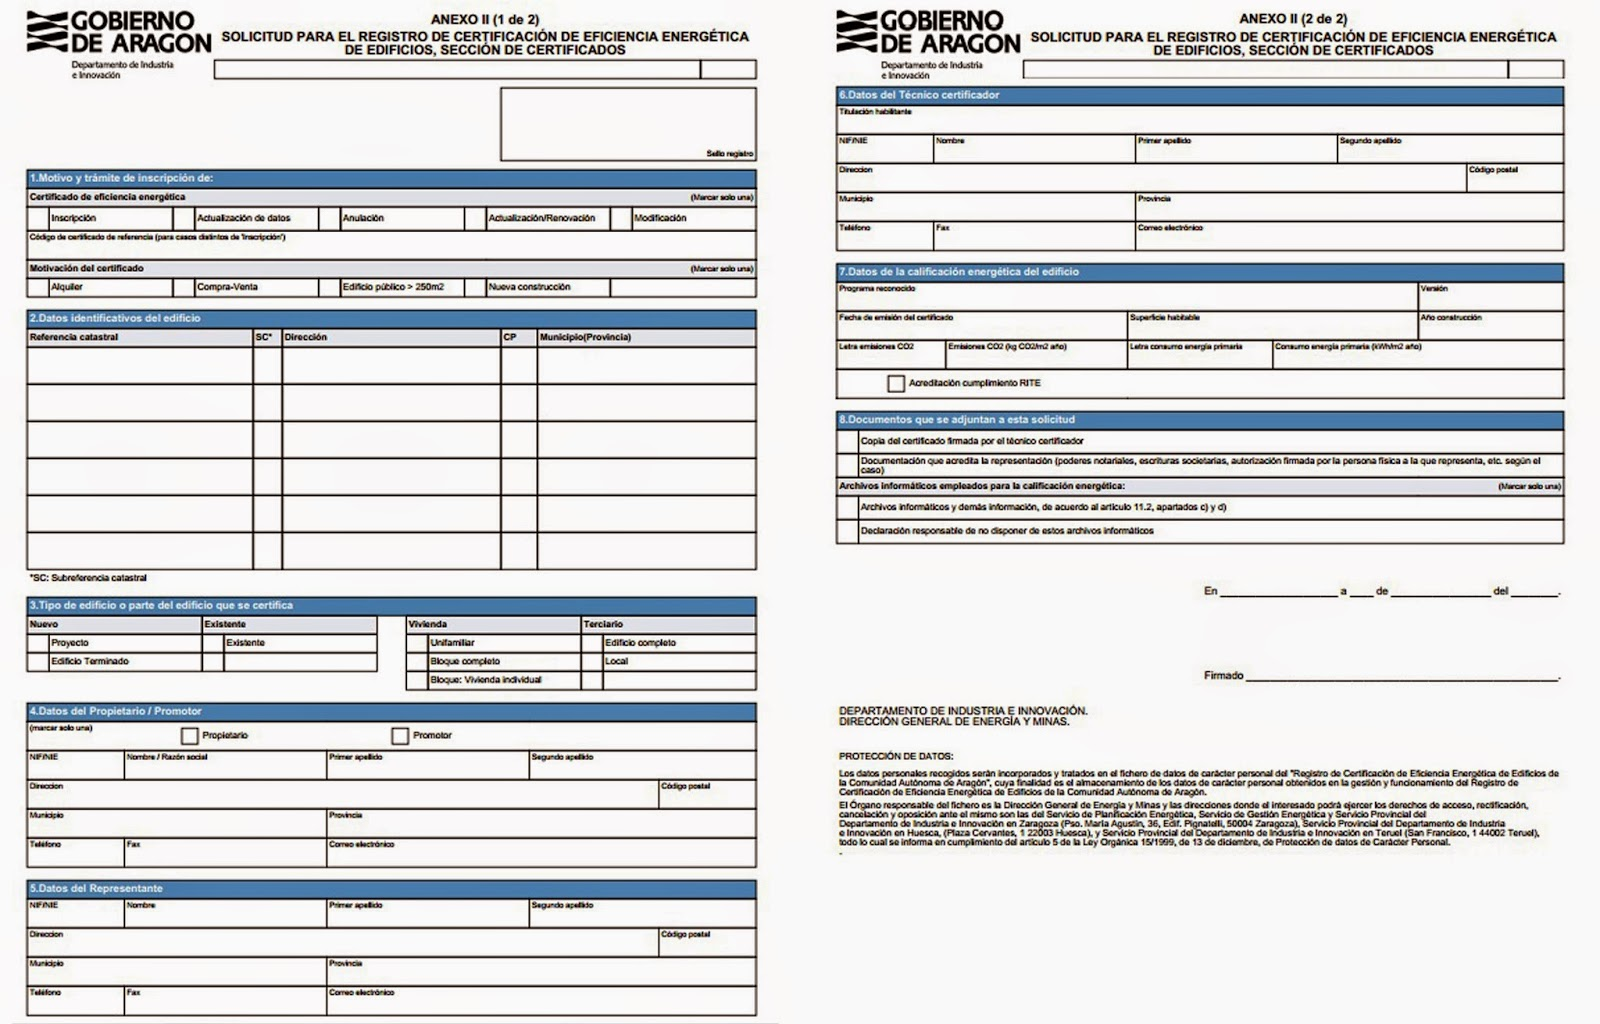 Registro certificado energético Aragón - Anexo II